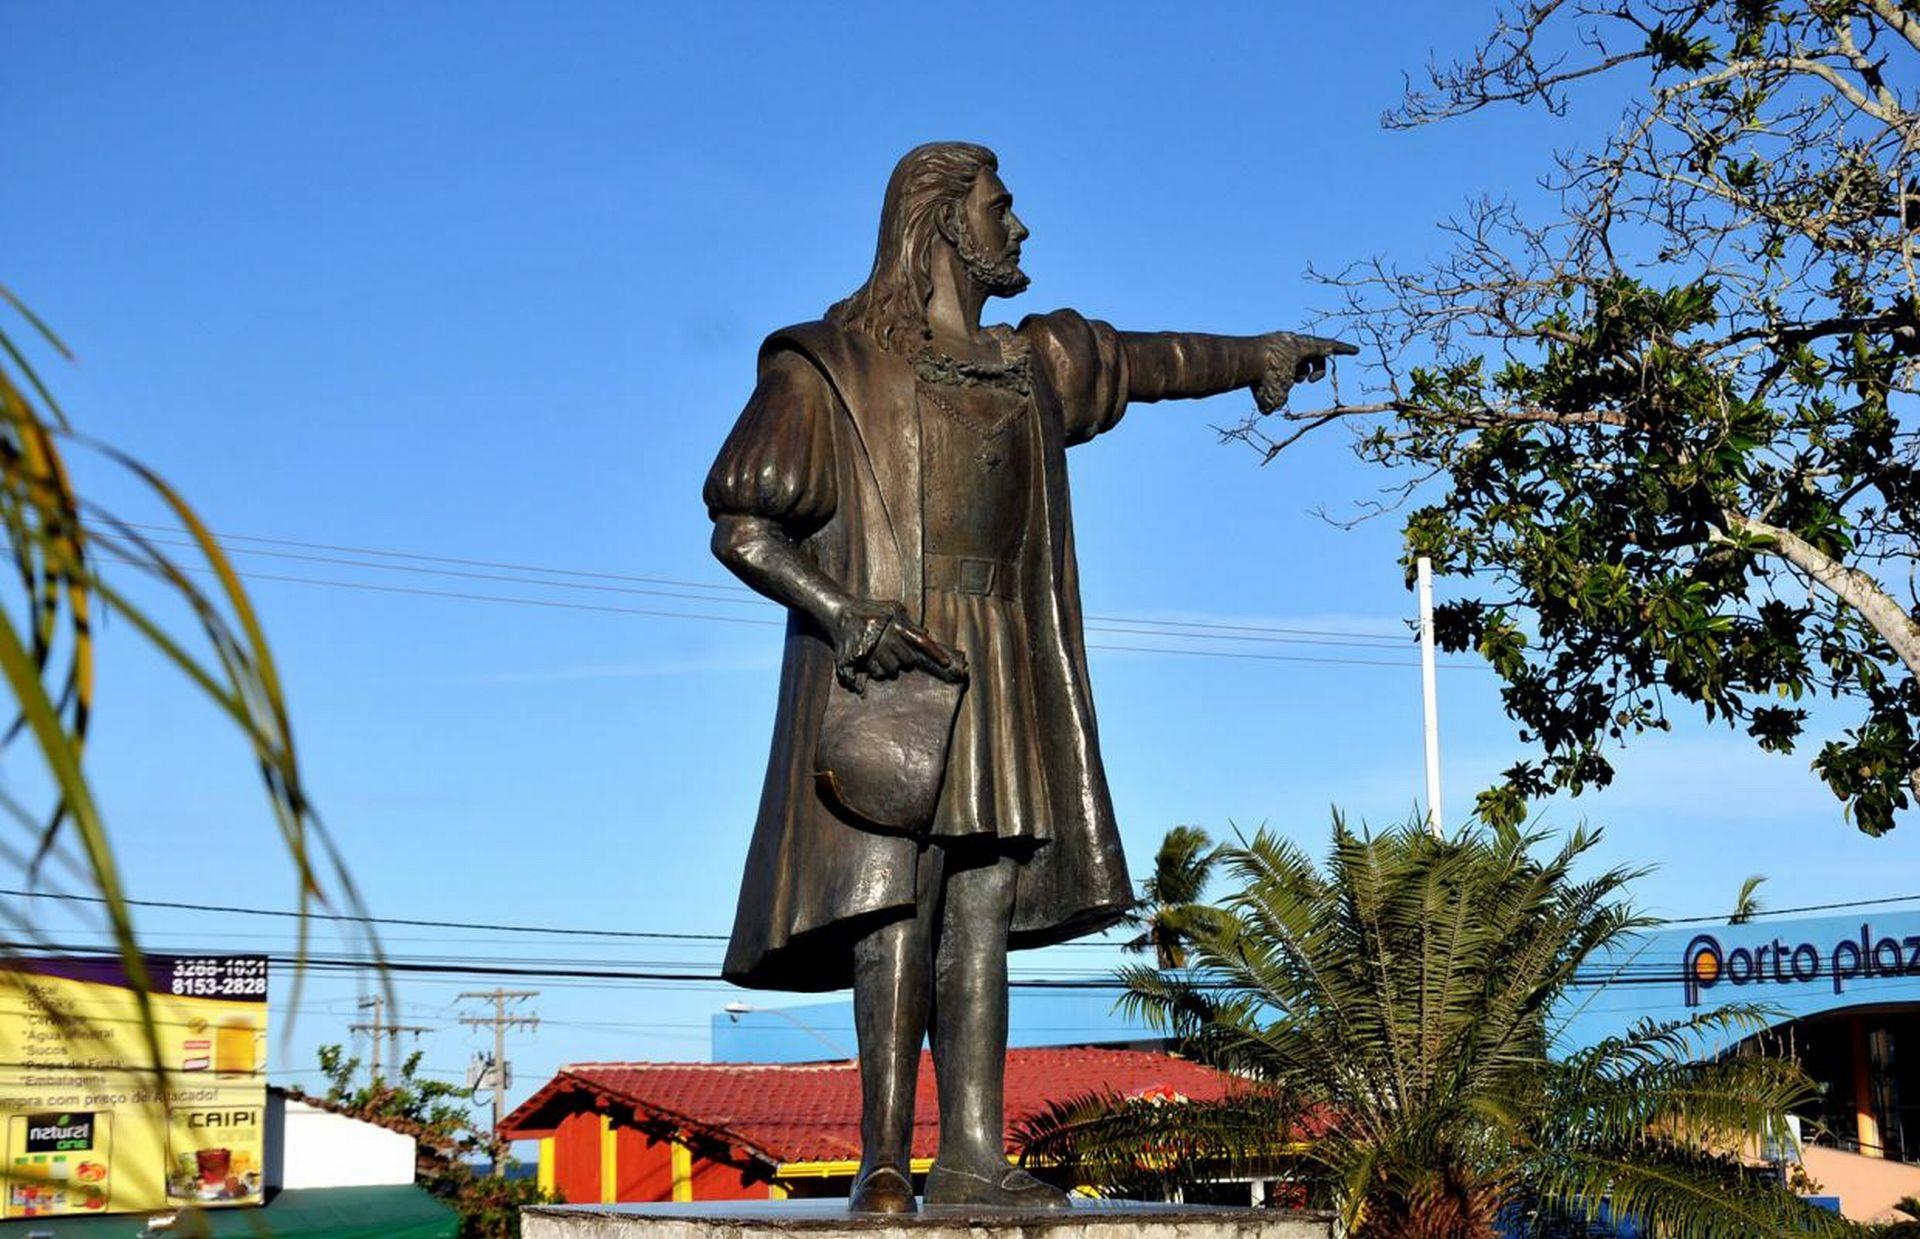 Com seu braço estendido, Cabral dá as boas-vindas e aponta na direção do casario colonial que forma a passarela do descobrimento, a poucos metros dali. Foto: divulgação.